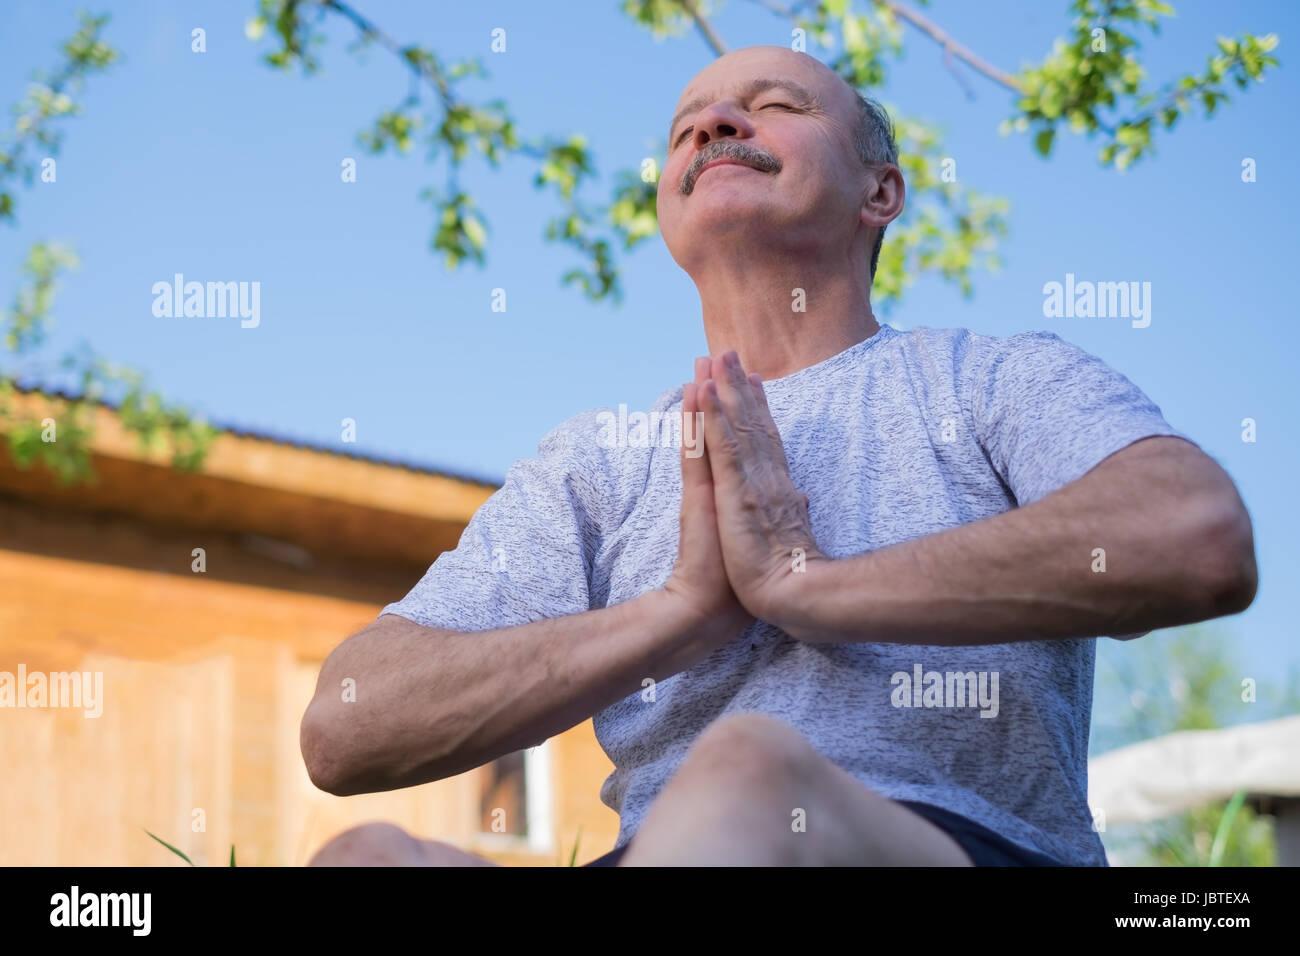 Altos hombre con bigote con namaste sentado.Concepto de la calma y la meditación. Imagen De Stock